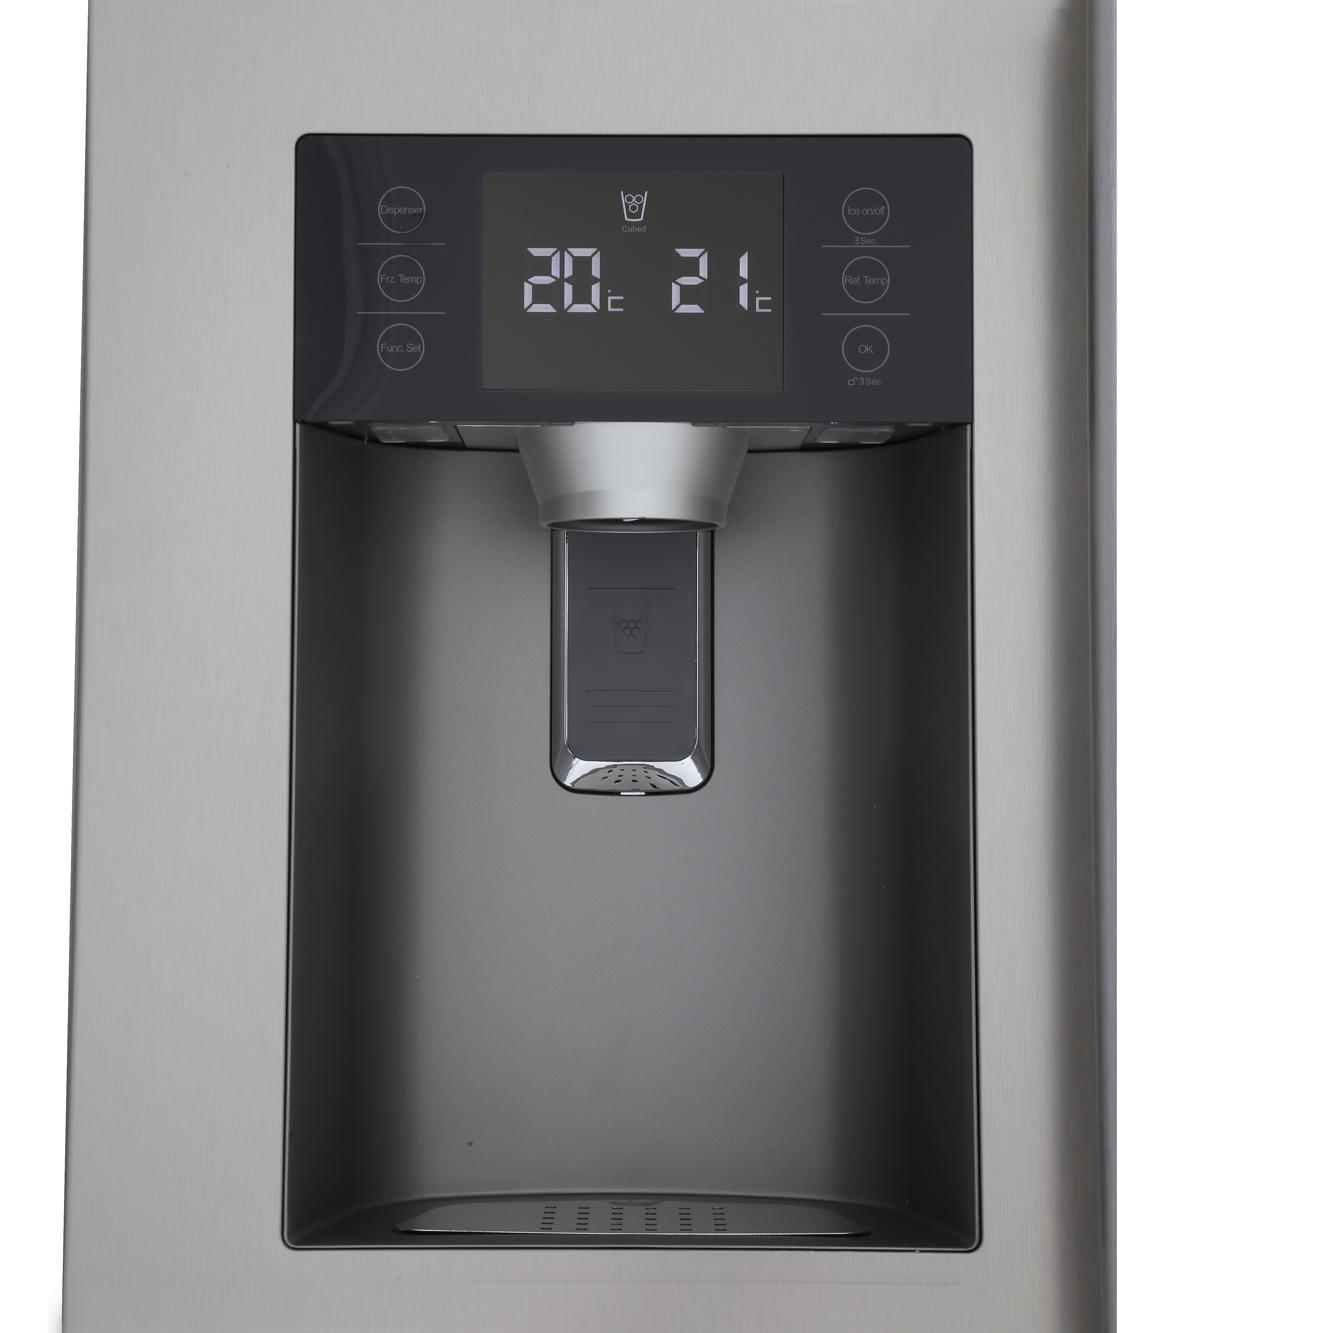 Buy Haier Hrf 628if6 American Fridge Freezer Stainless